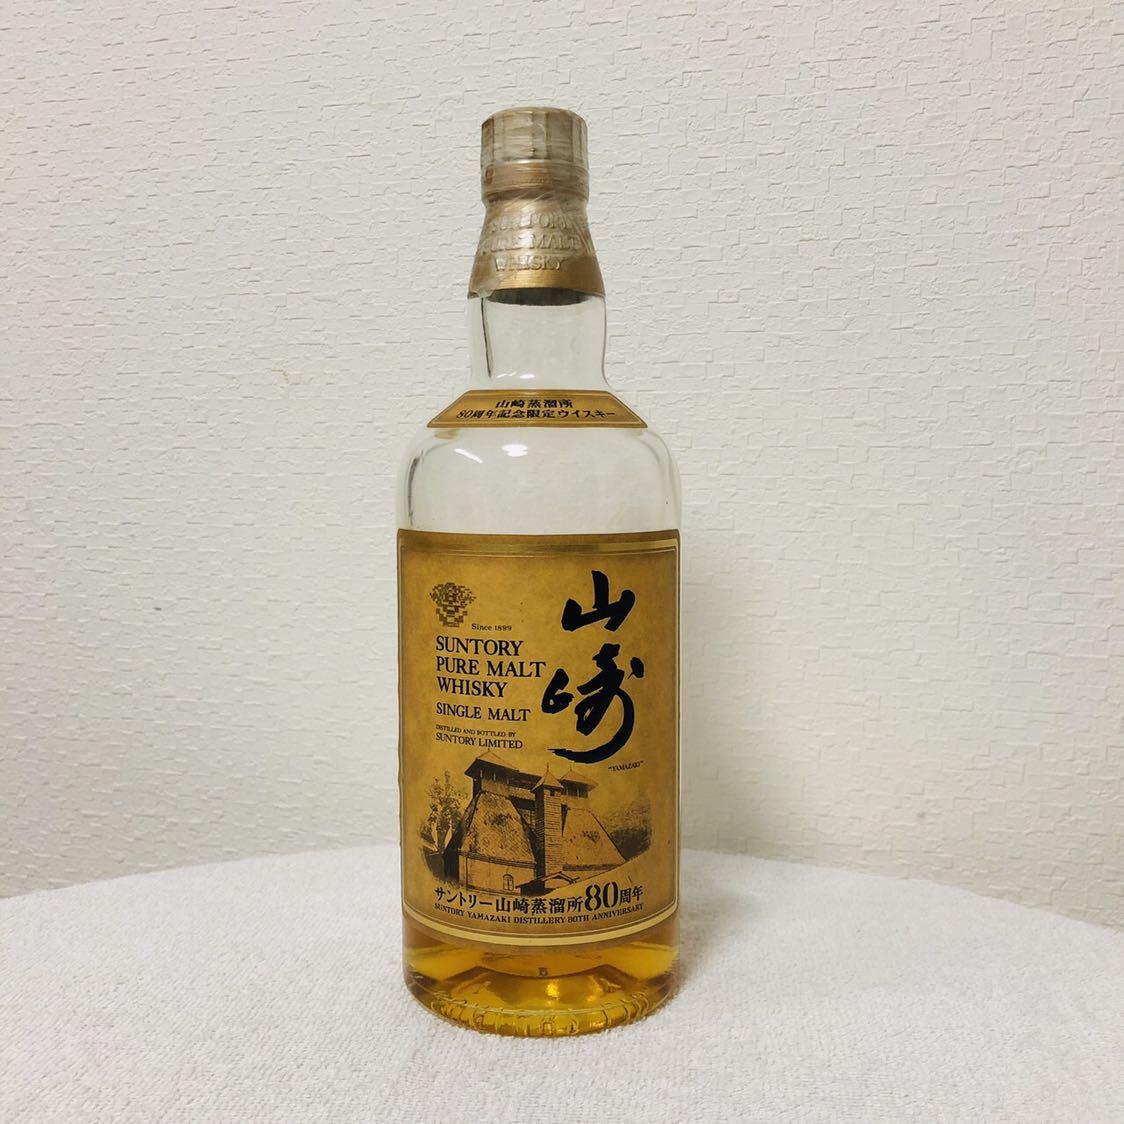 【空瓶】 SUNTORY サントリー 山崎 蒸溜所 80周年記念 限定品 ボトル 【送料無料】希少